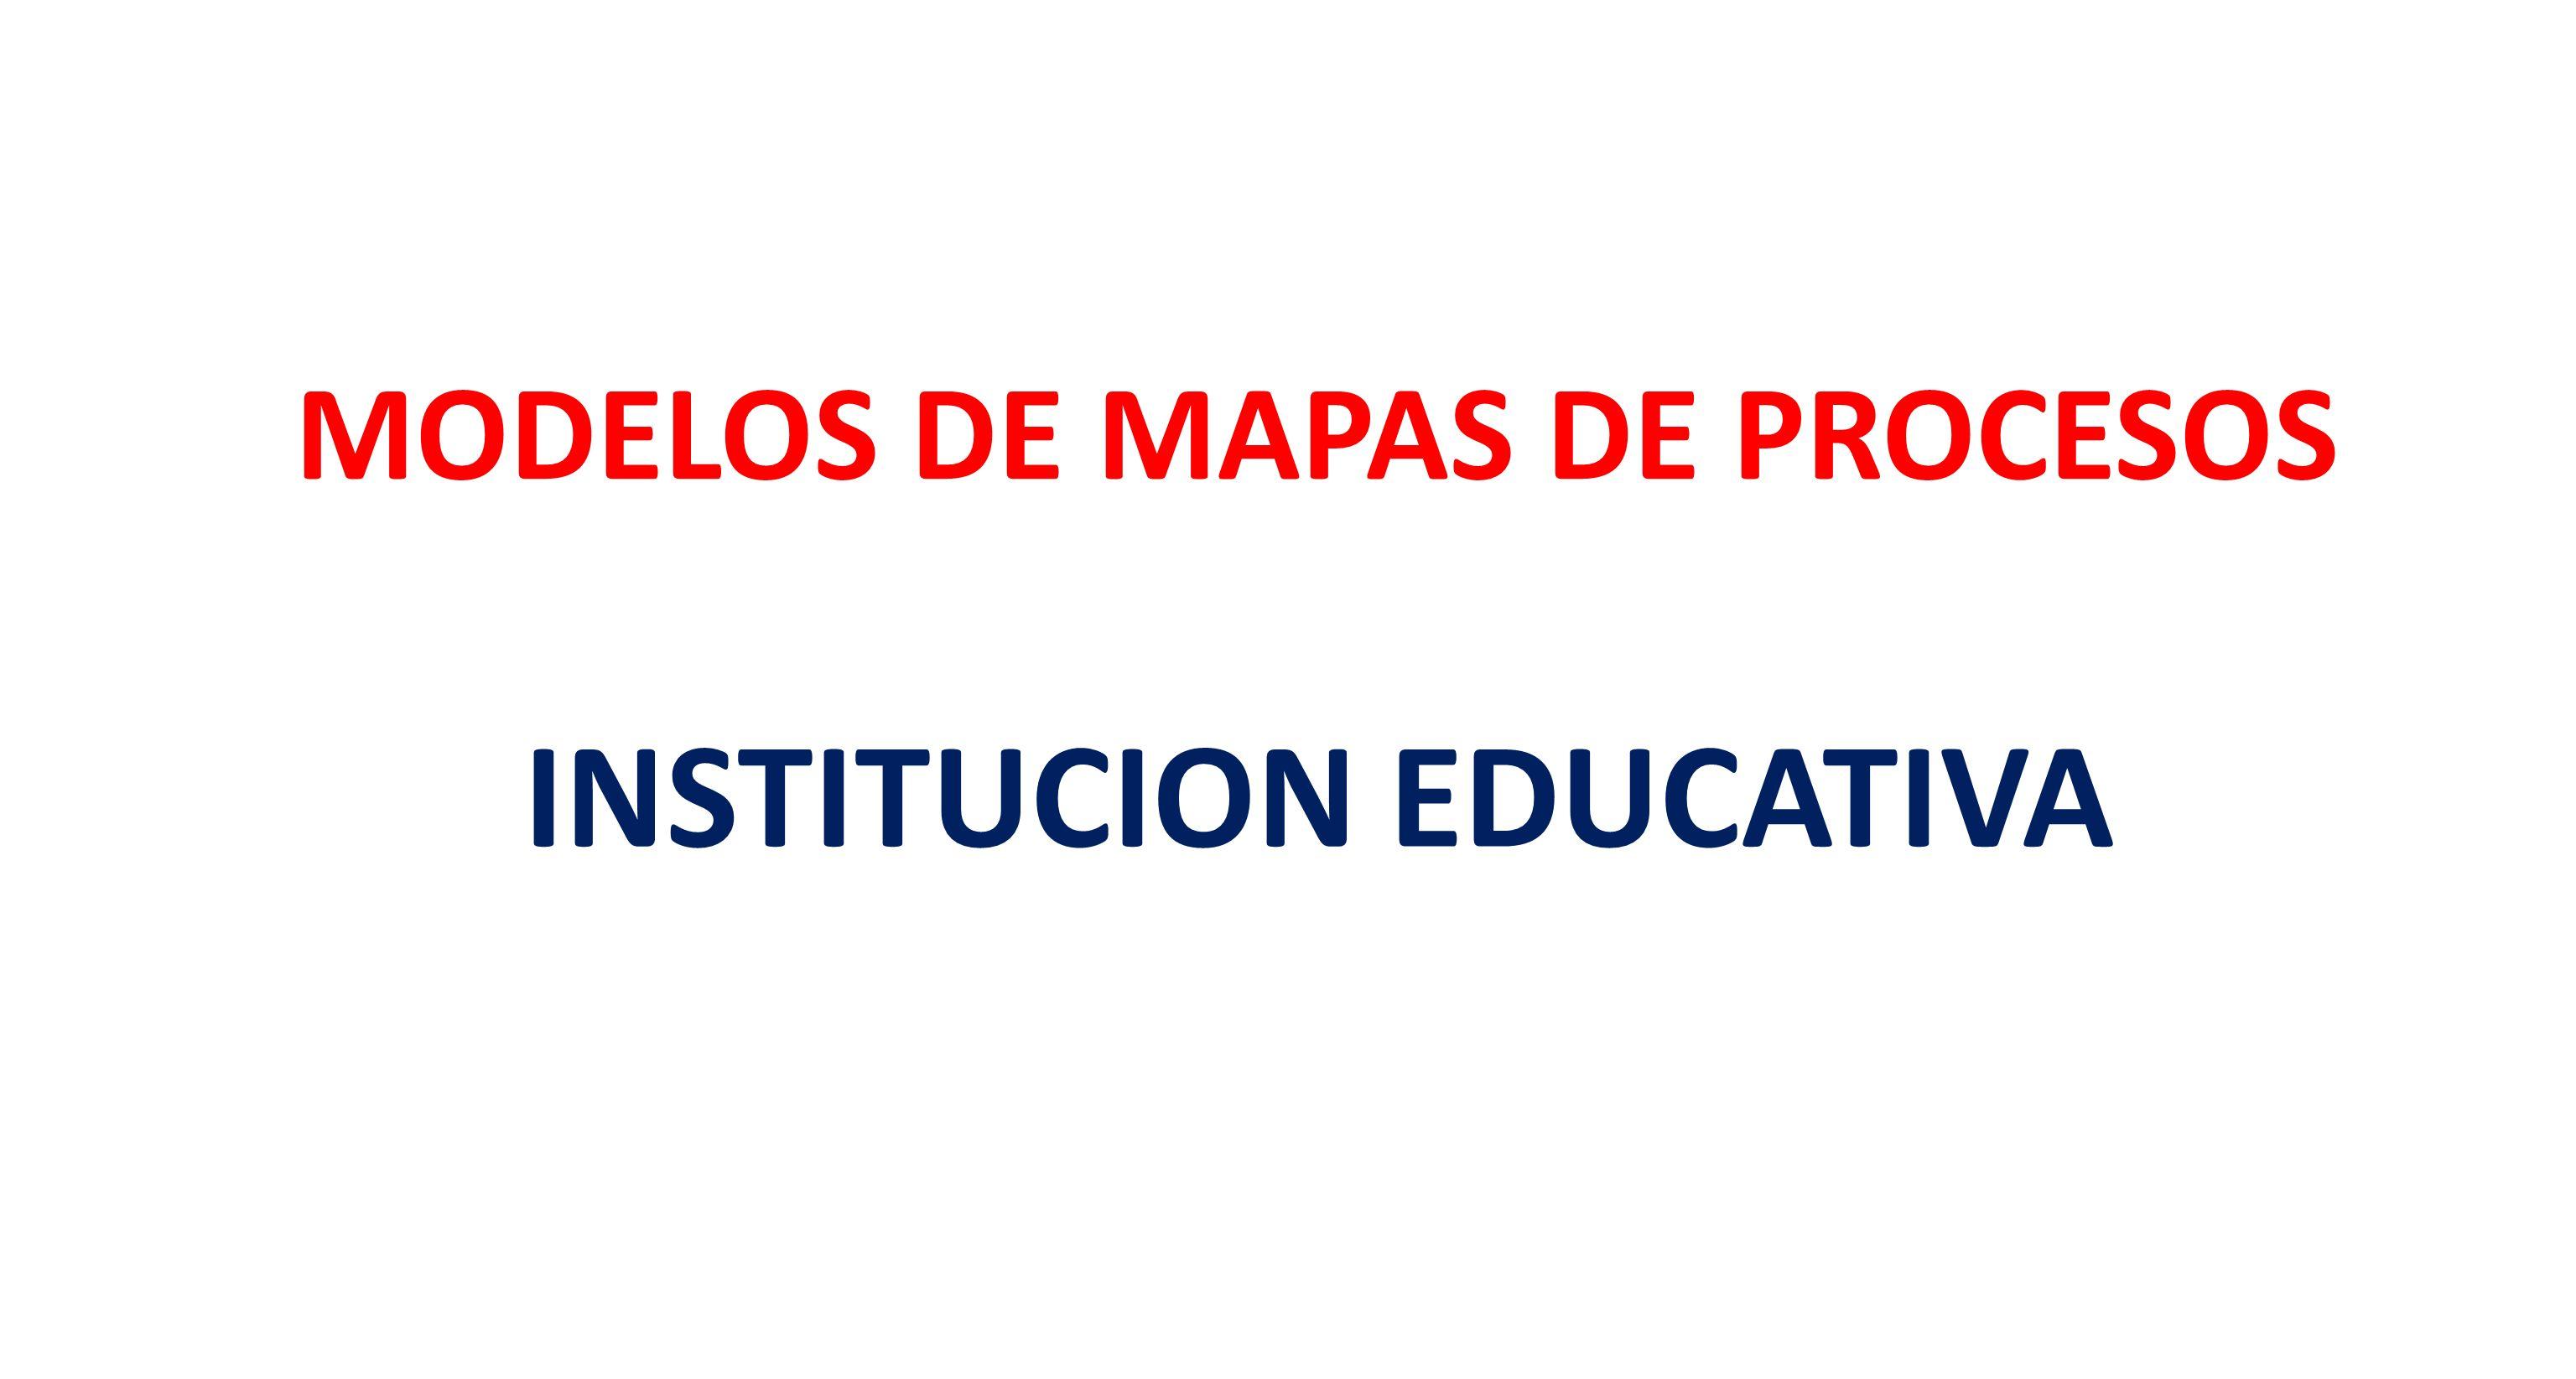 MACROPROCESO DE DESARROLLO INTEGRAL DEL TERRITORIO DESARROLLO ECONOMICO Y COMPETITIVIDAD SOSTENIBILIDAD AMBIENTAL GESTIÓN CATASTRAL DESARROLLO FÍSICO MACROPROCESO DE DESARROLLO INTEGRAL DEL TERRITORIO Objetivo: Implementar acciones que contribuyan al desarrollo físico, económico y ambiental del municipio de Santiago de Cali, y lo conduzca a su crecimiento armónico y competitivo.